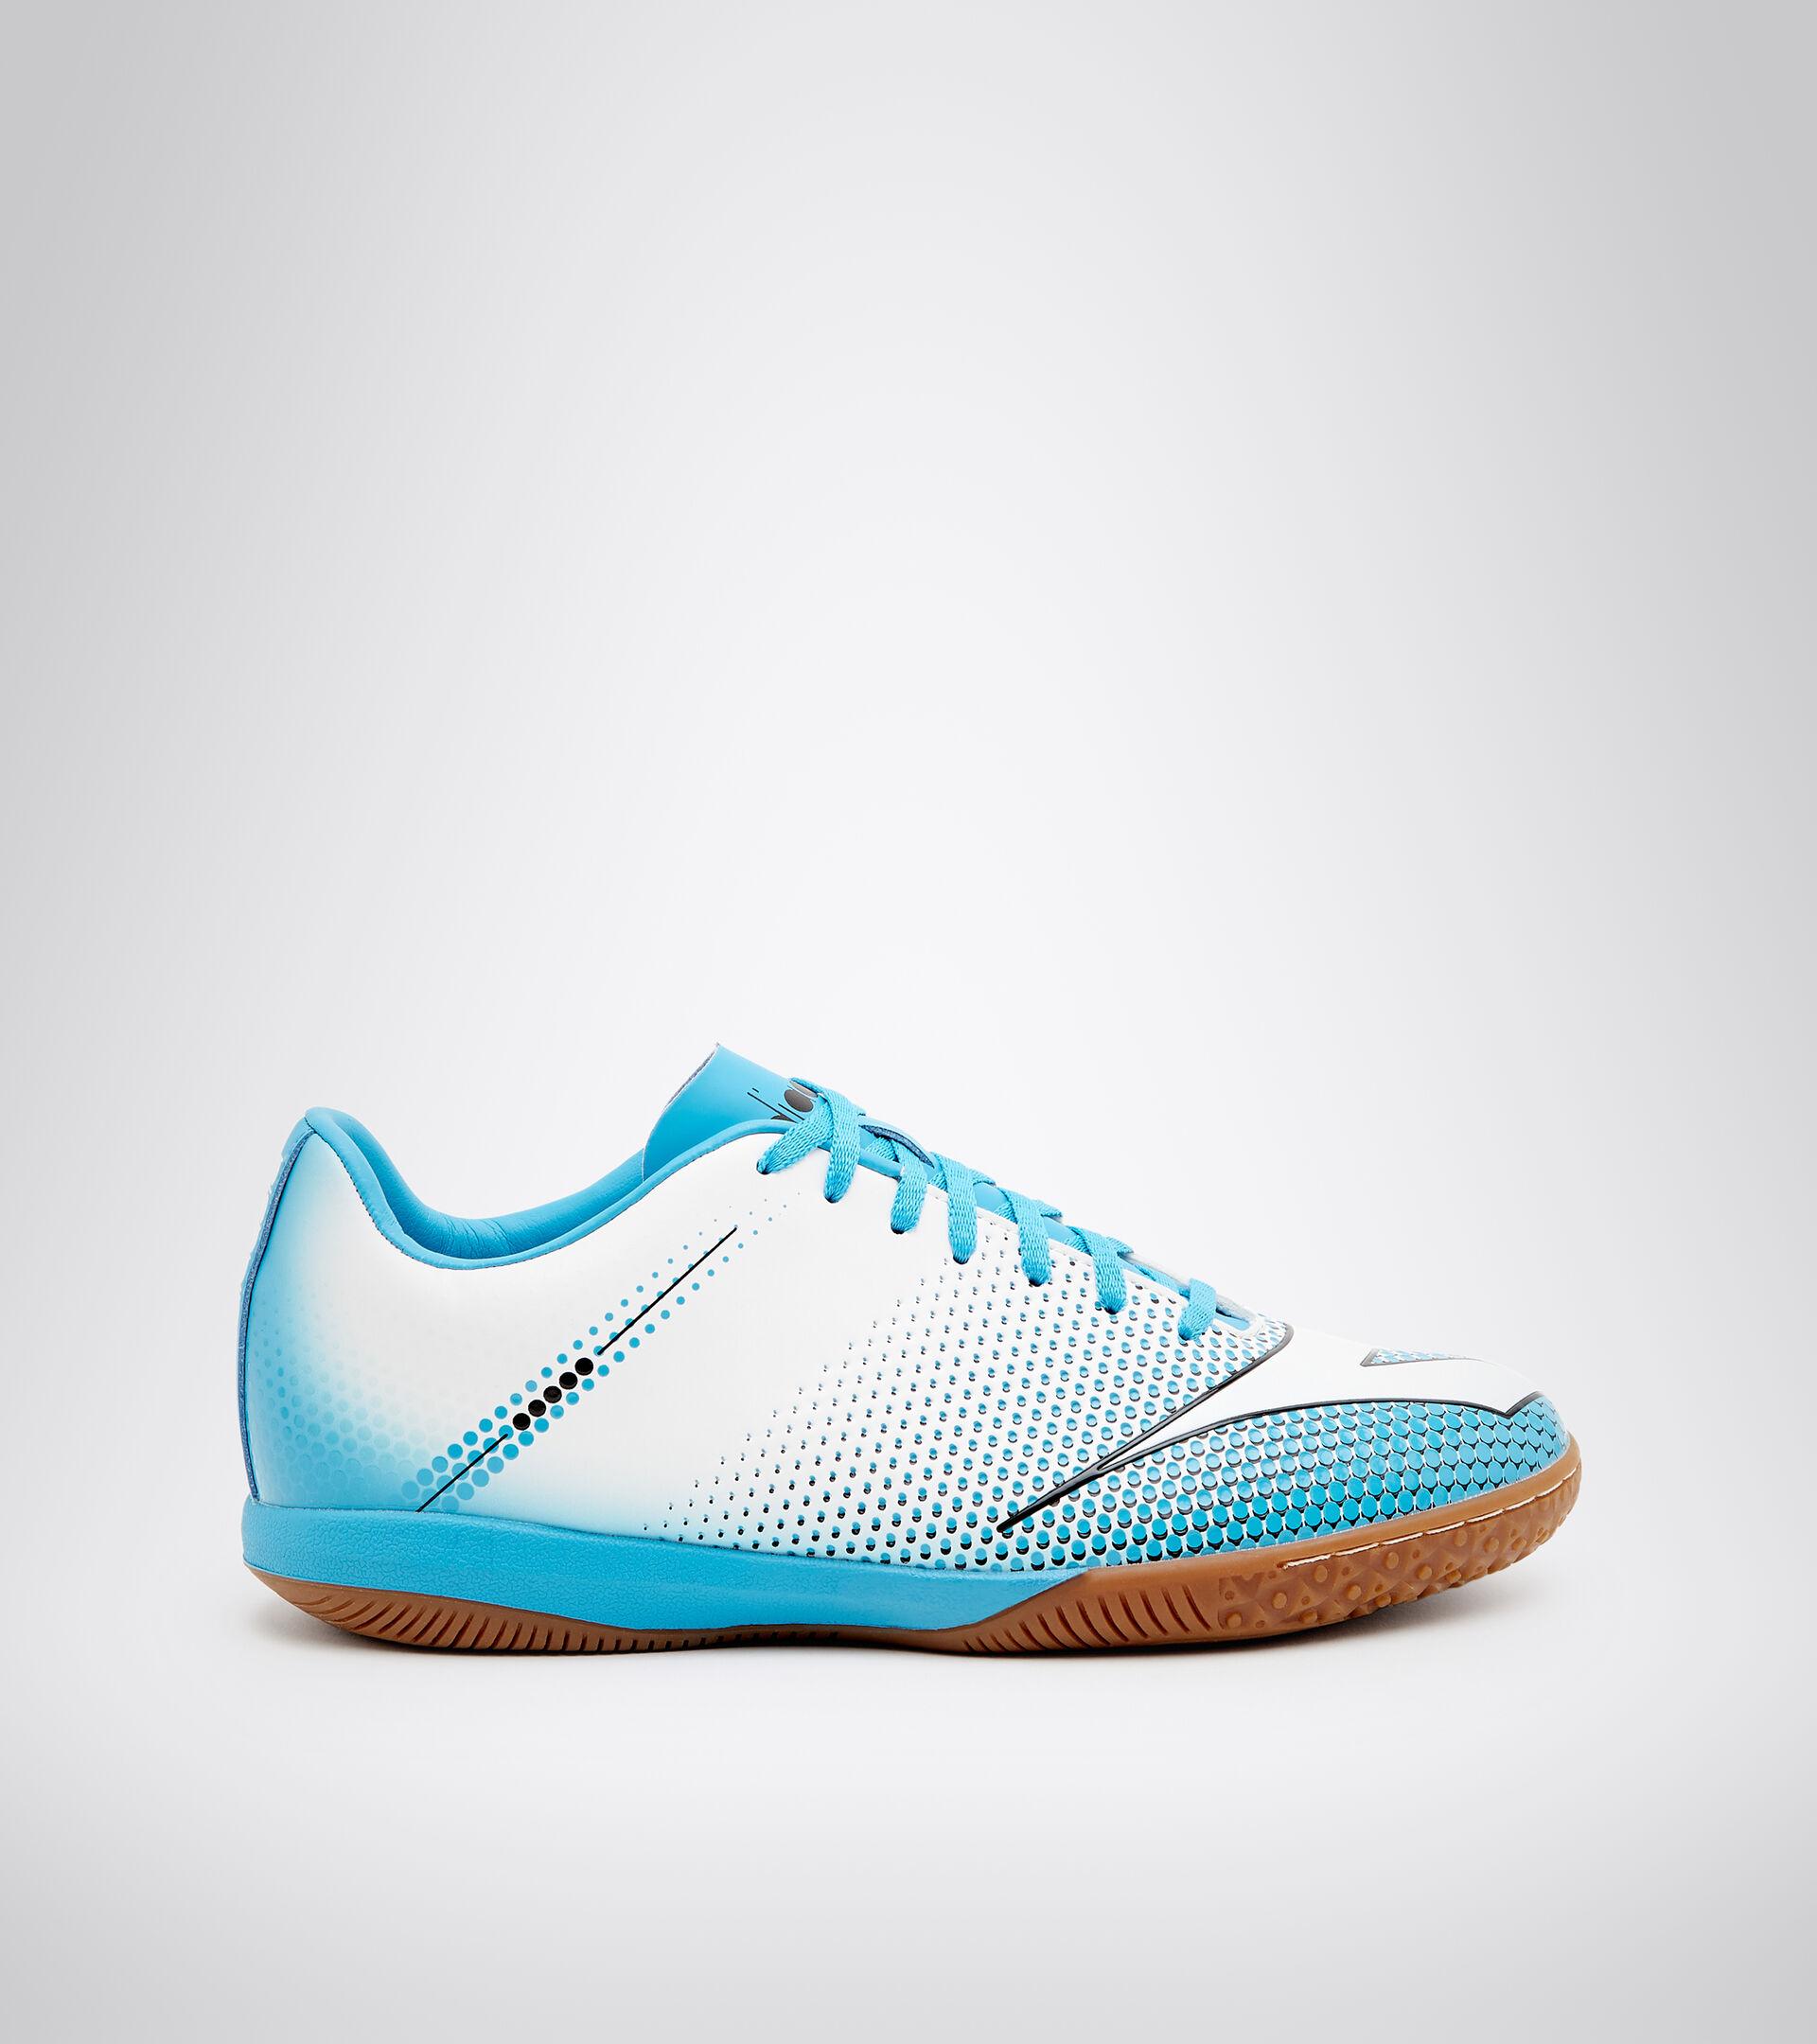 Chaussures de futsal pour terrains en intérieur et parquets - Unisexe BOMBER IDR BLANC/CYAN BLEU FLUO/NOIR - Diadora